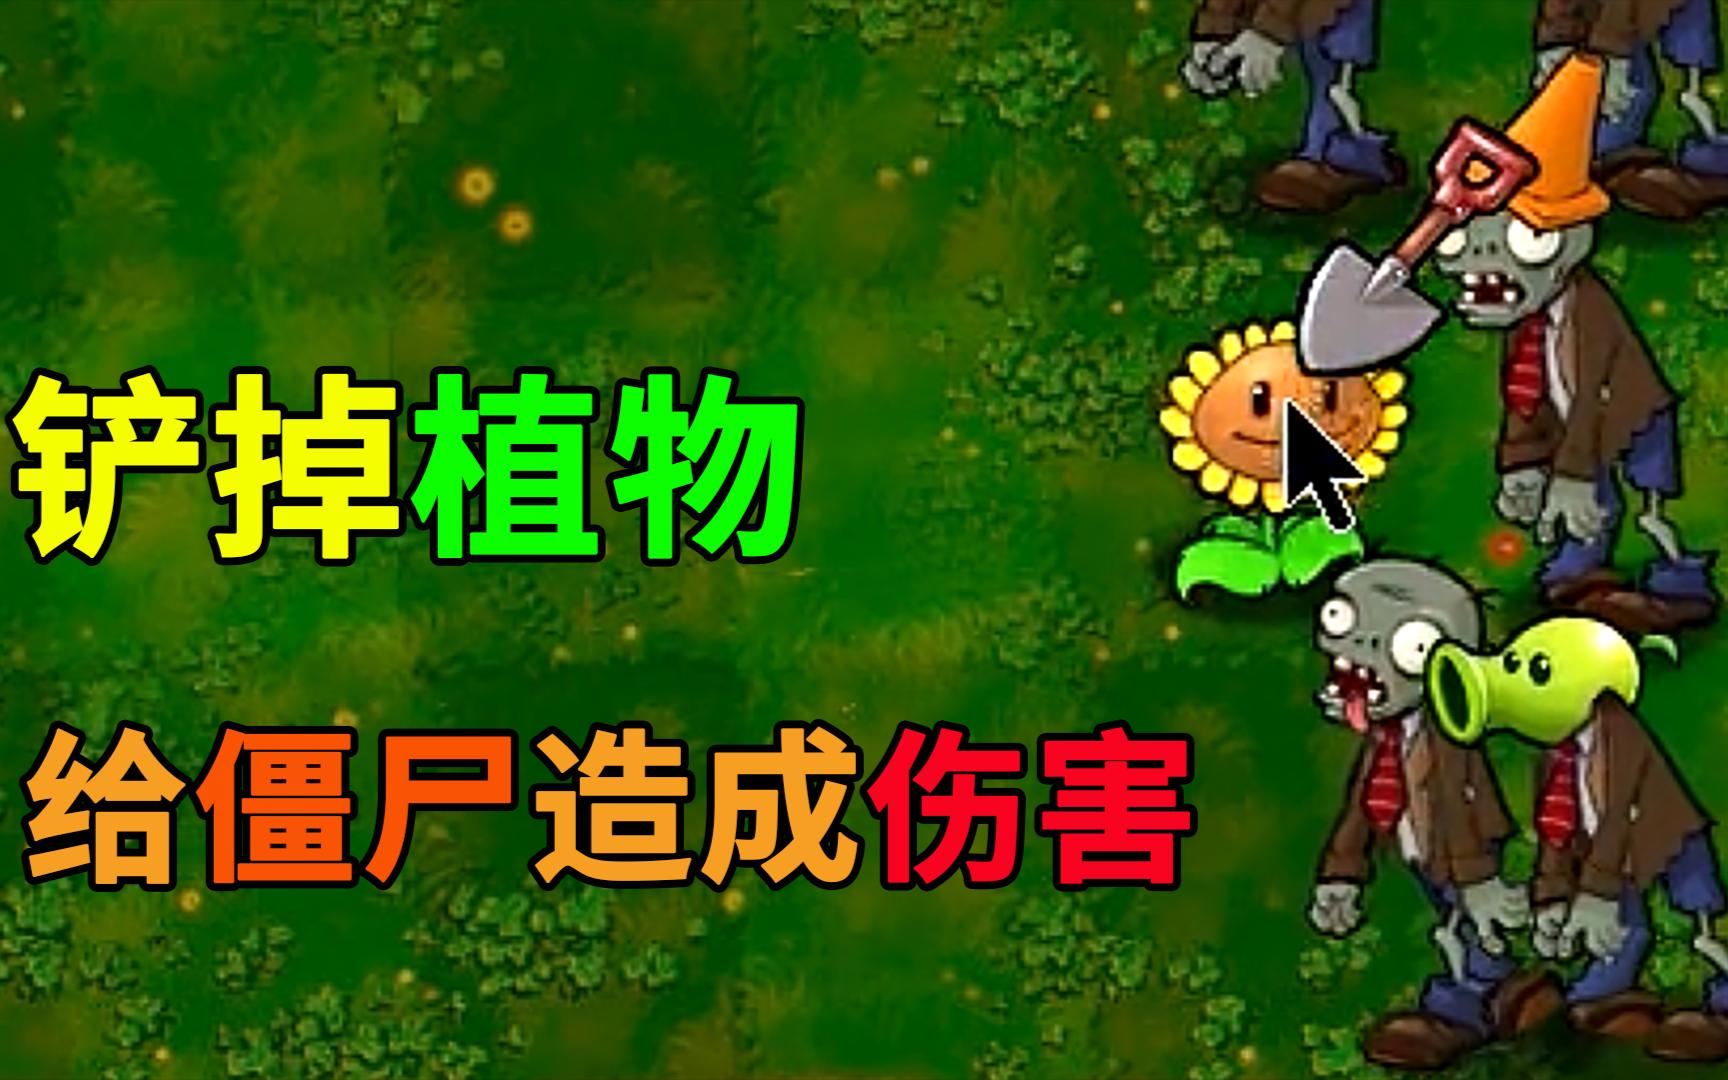 植物大战僵尸:铲掉植物可以给僵尸造成伤害!